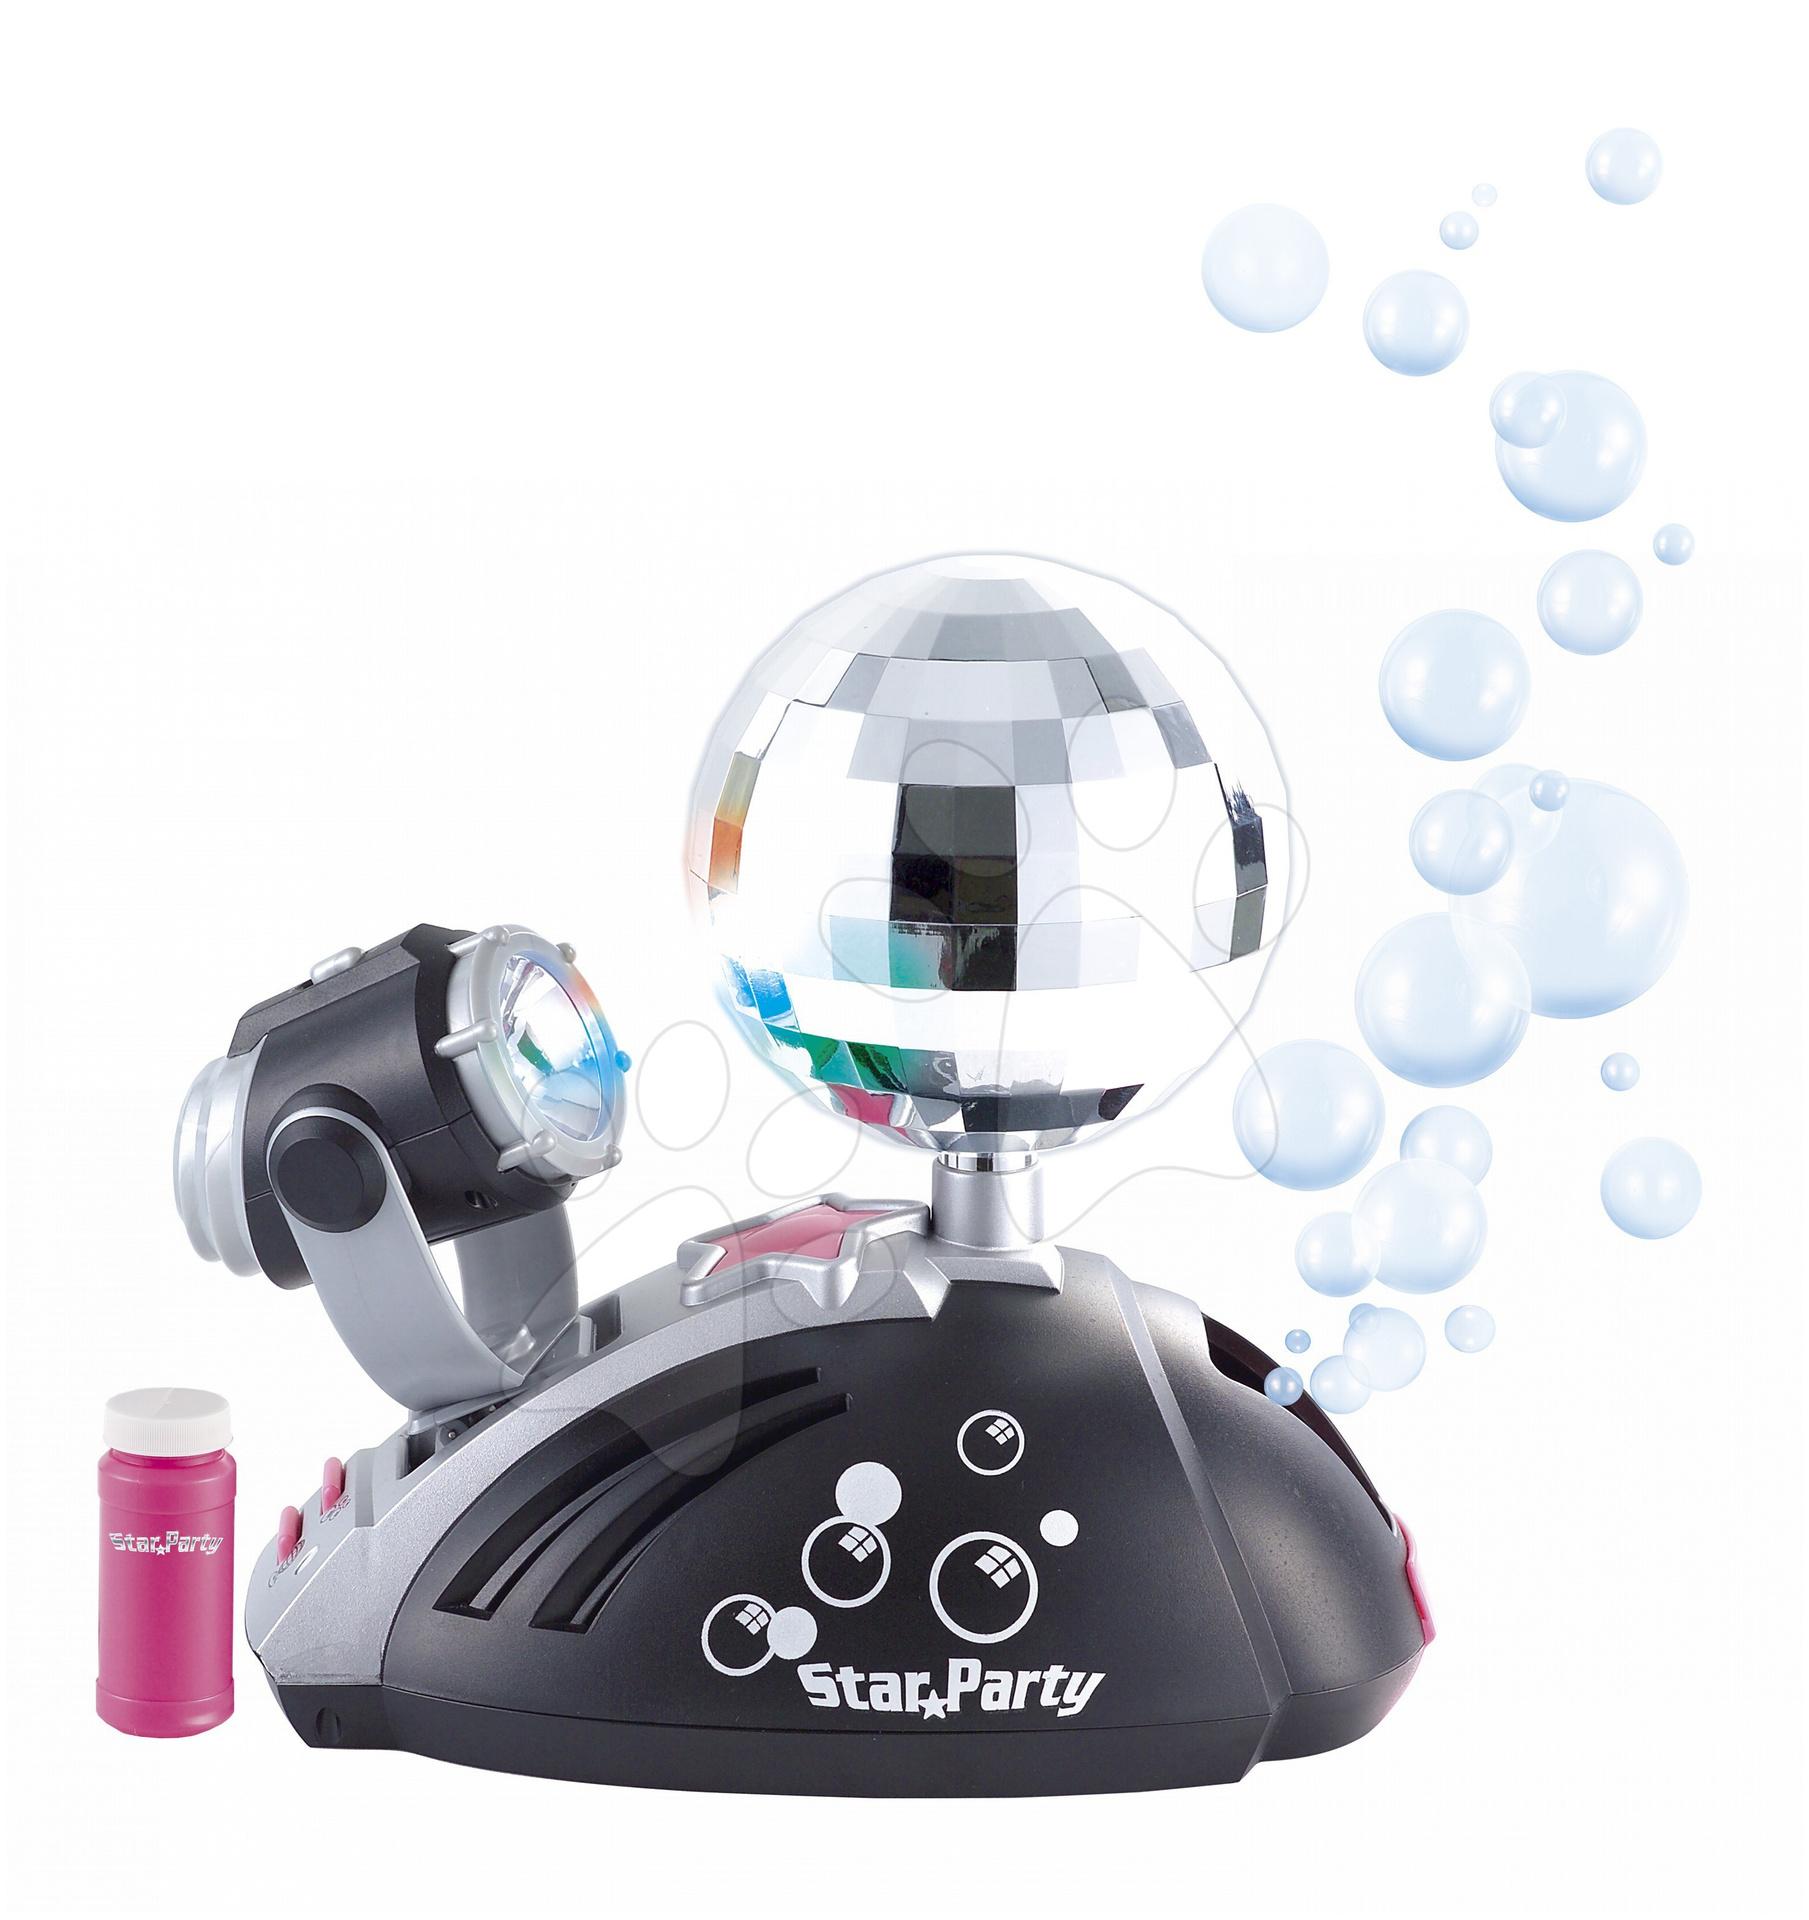 Instrumente muzicale de jucărie - Glob disco Starparty Bubble electronic Smoby cu aparat de făcut baloane